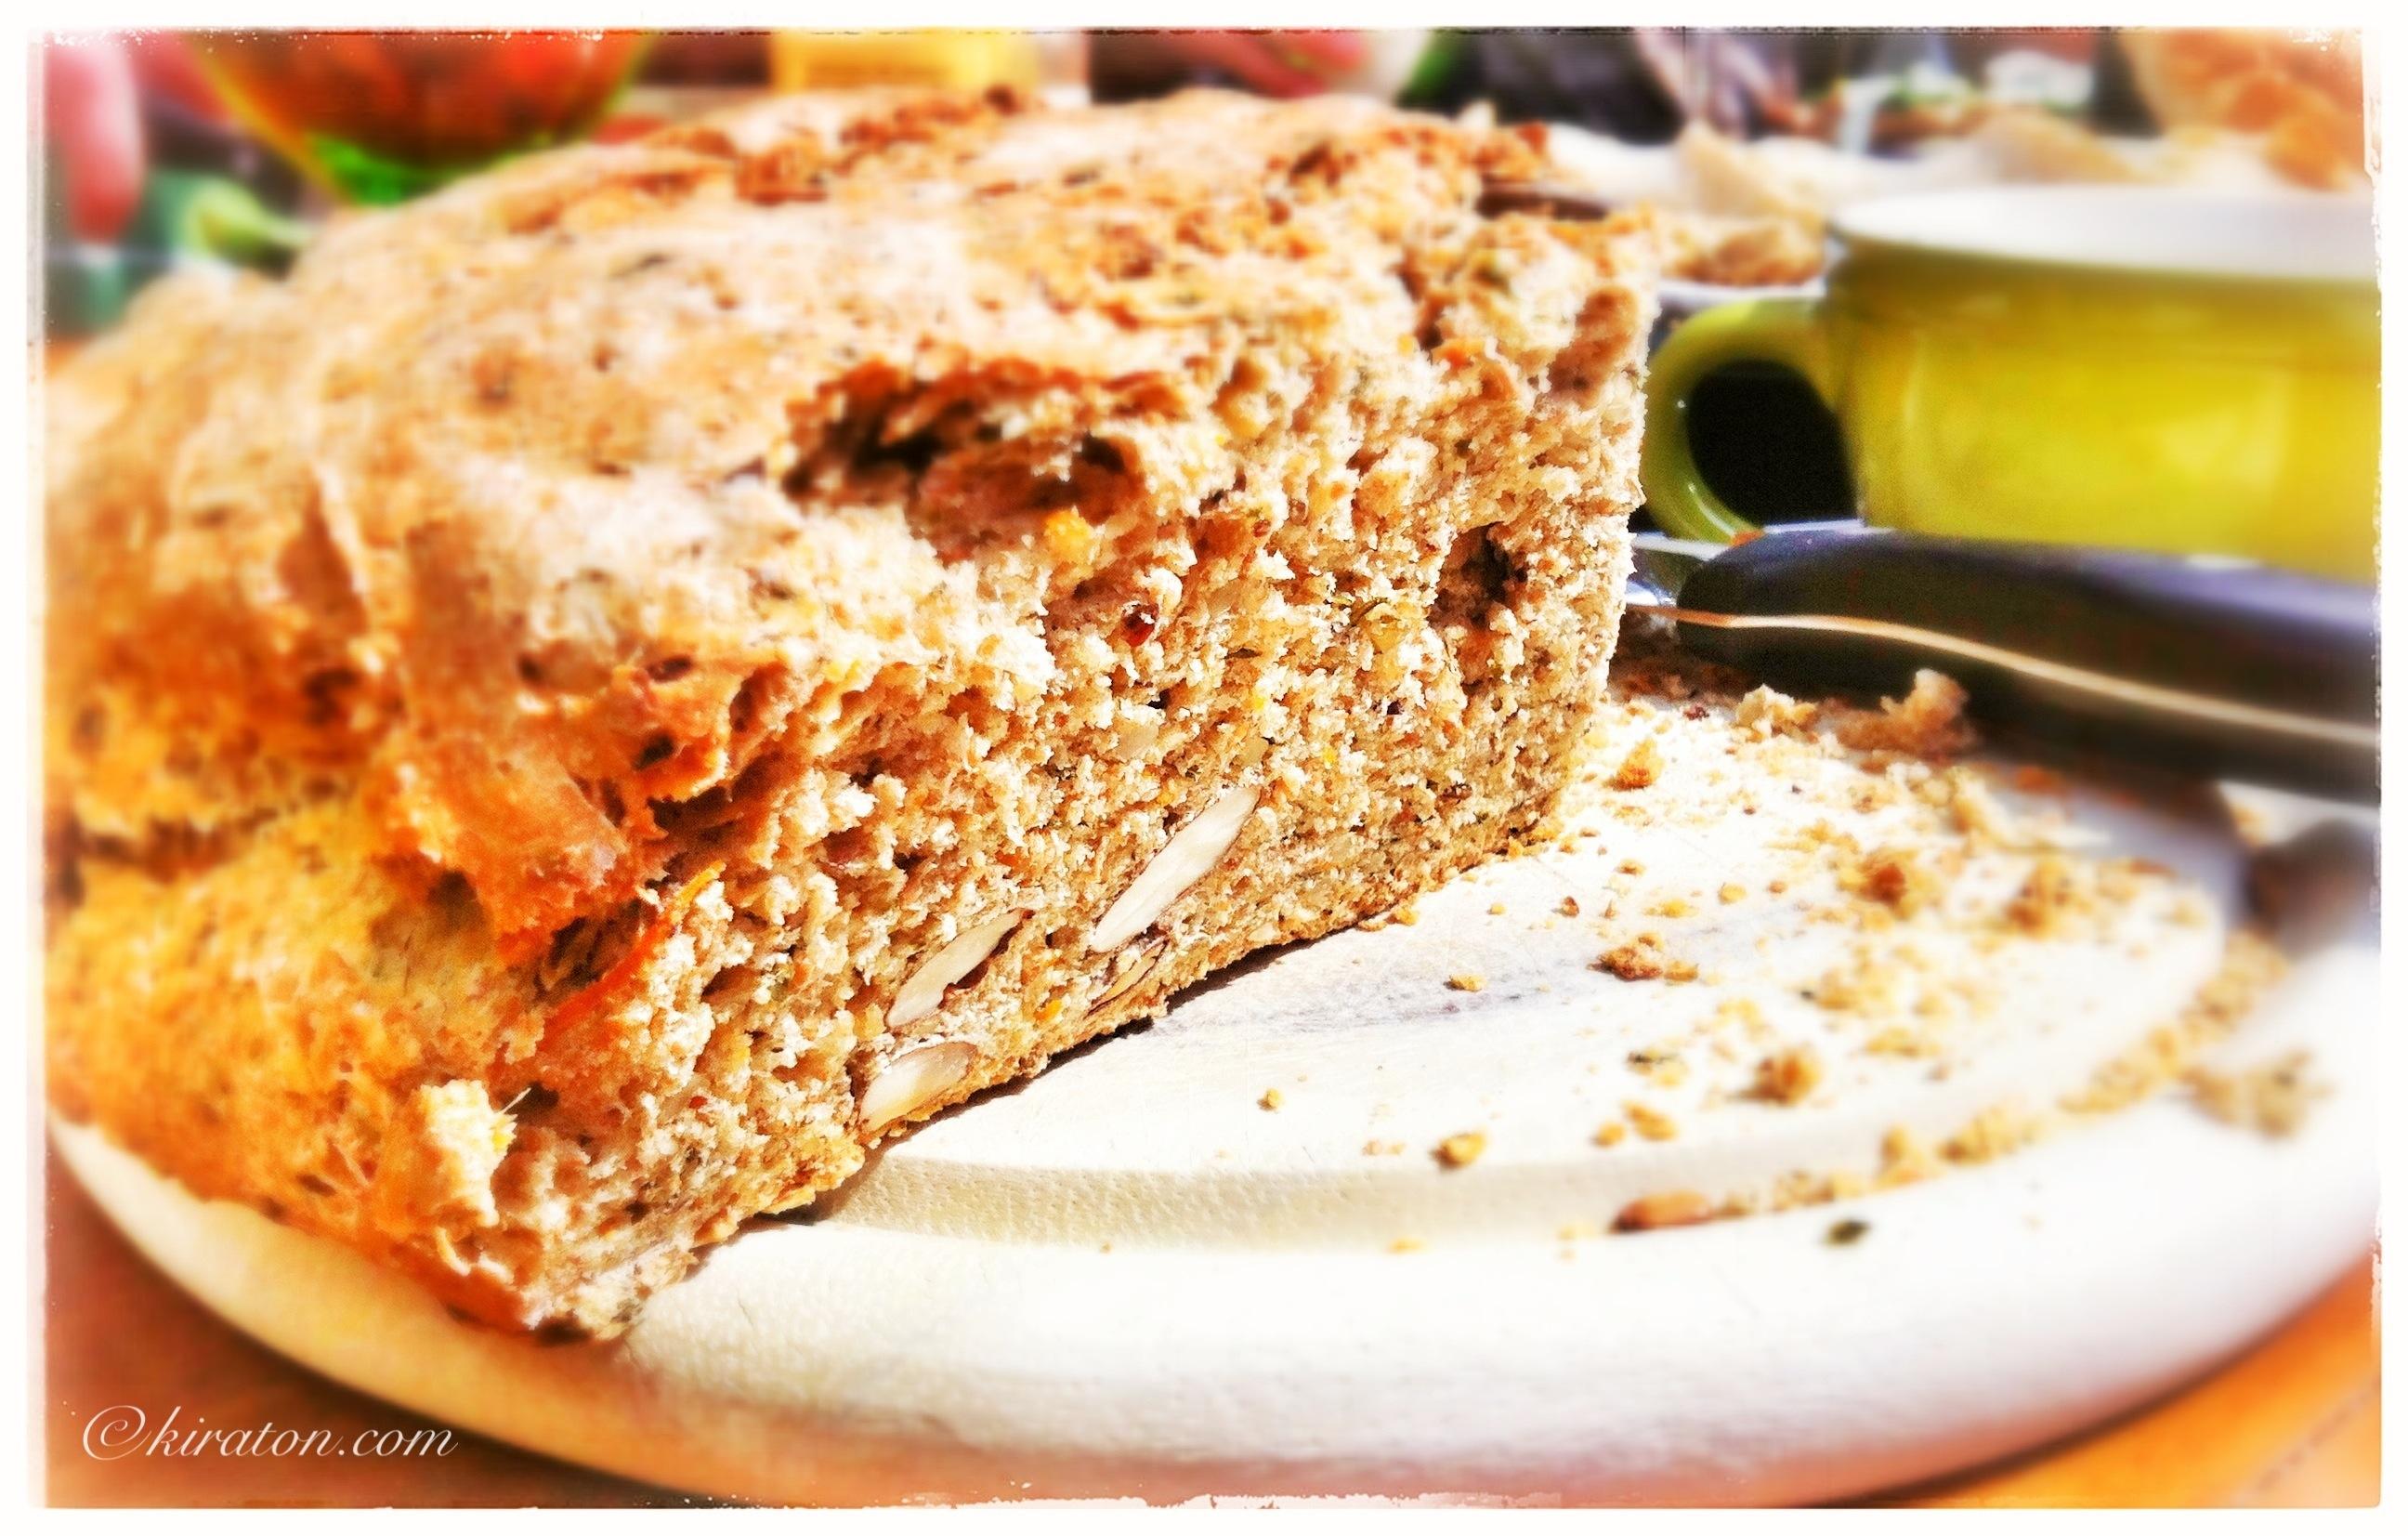 Brotvariationen mit Möhre oder Paprika.